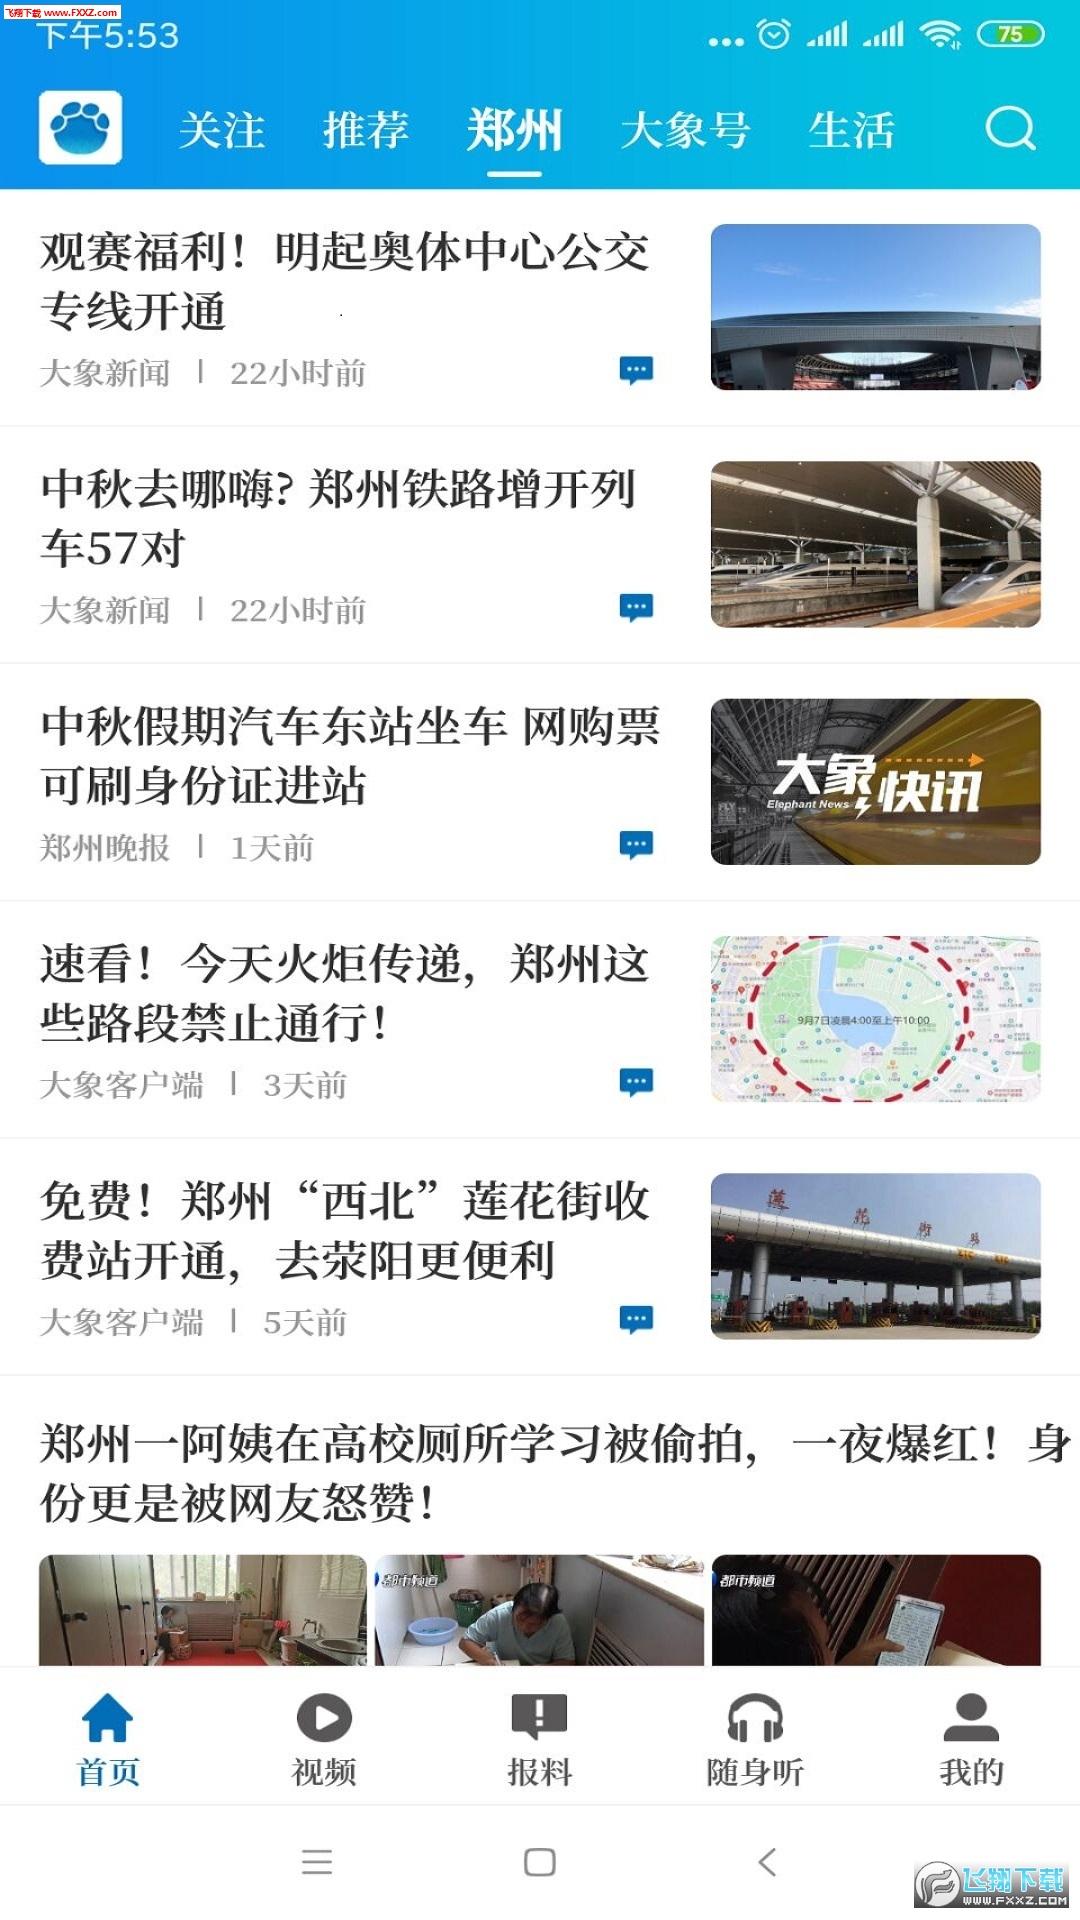 大象新闻手机版v1.10.0截图1